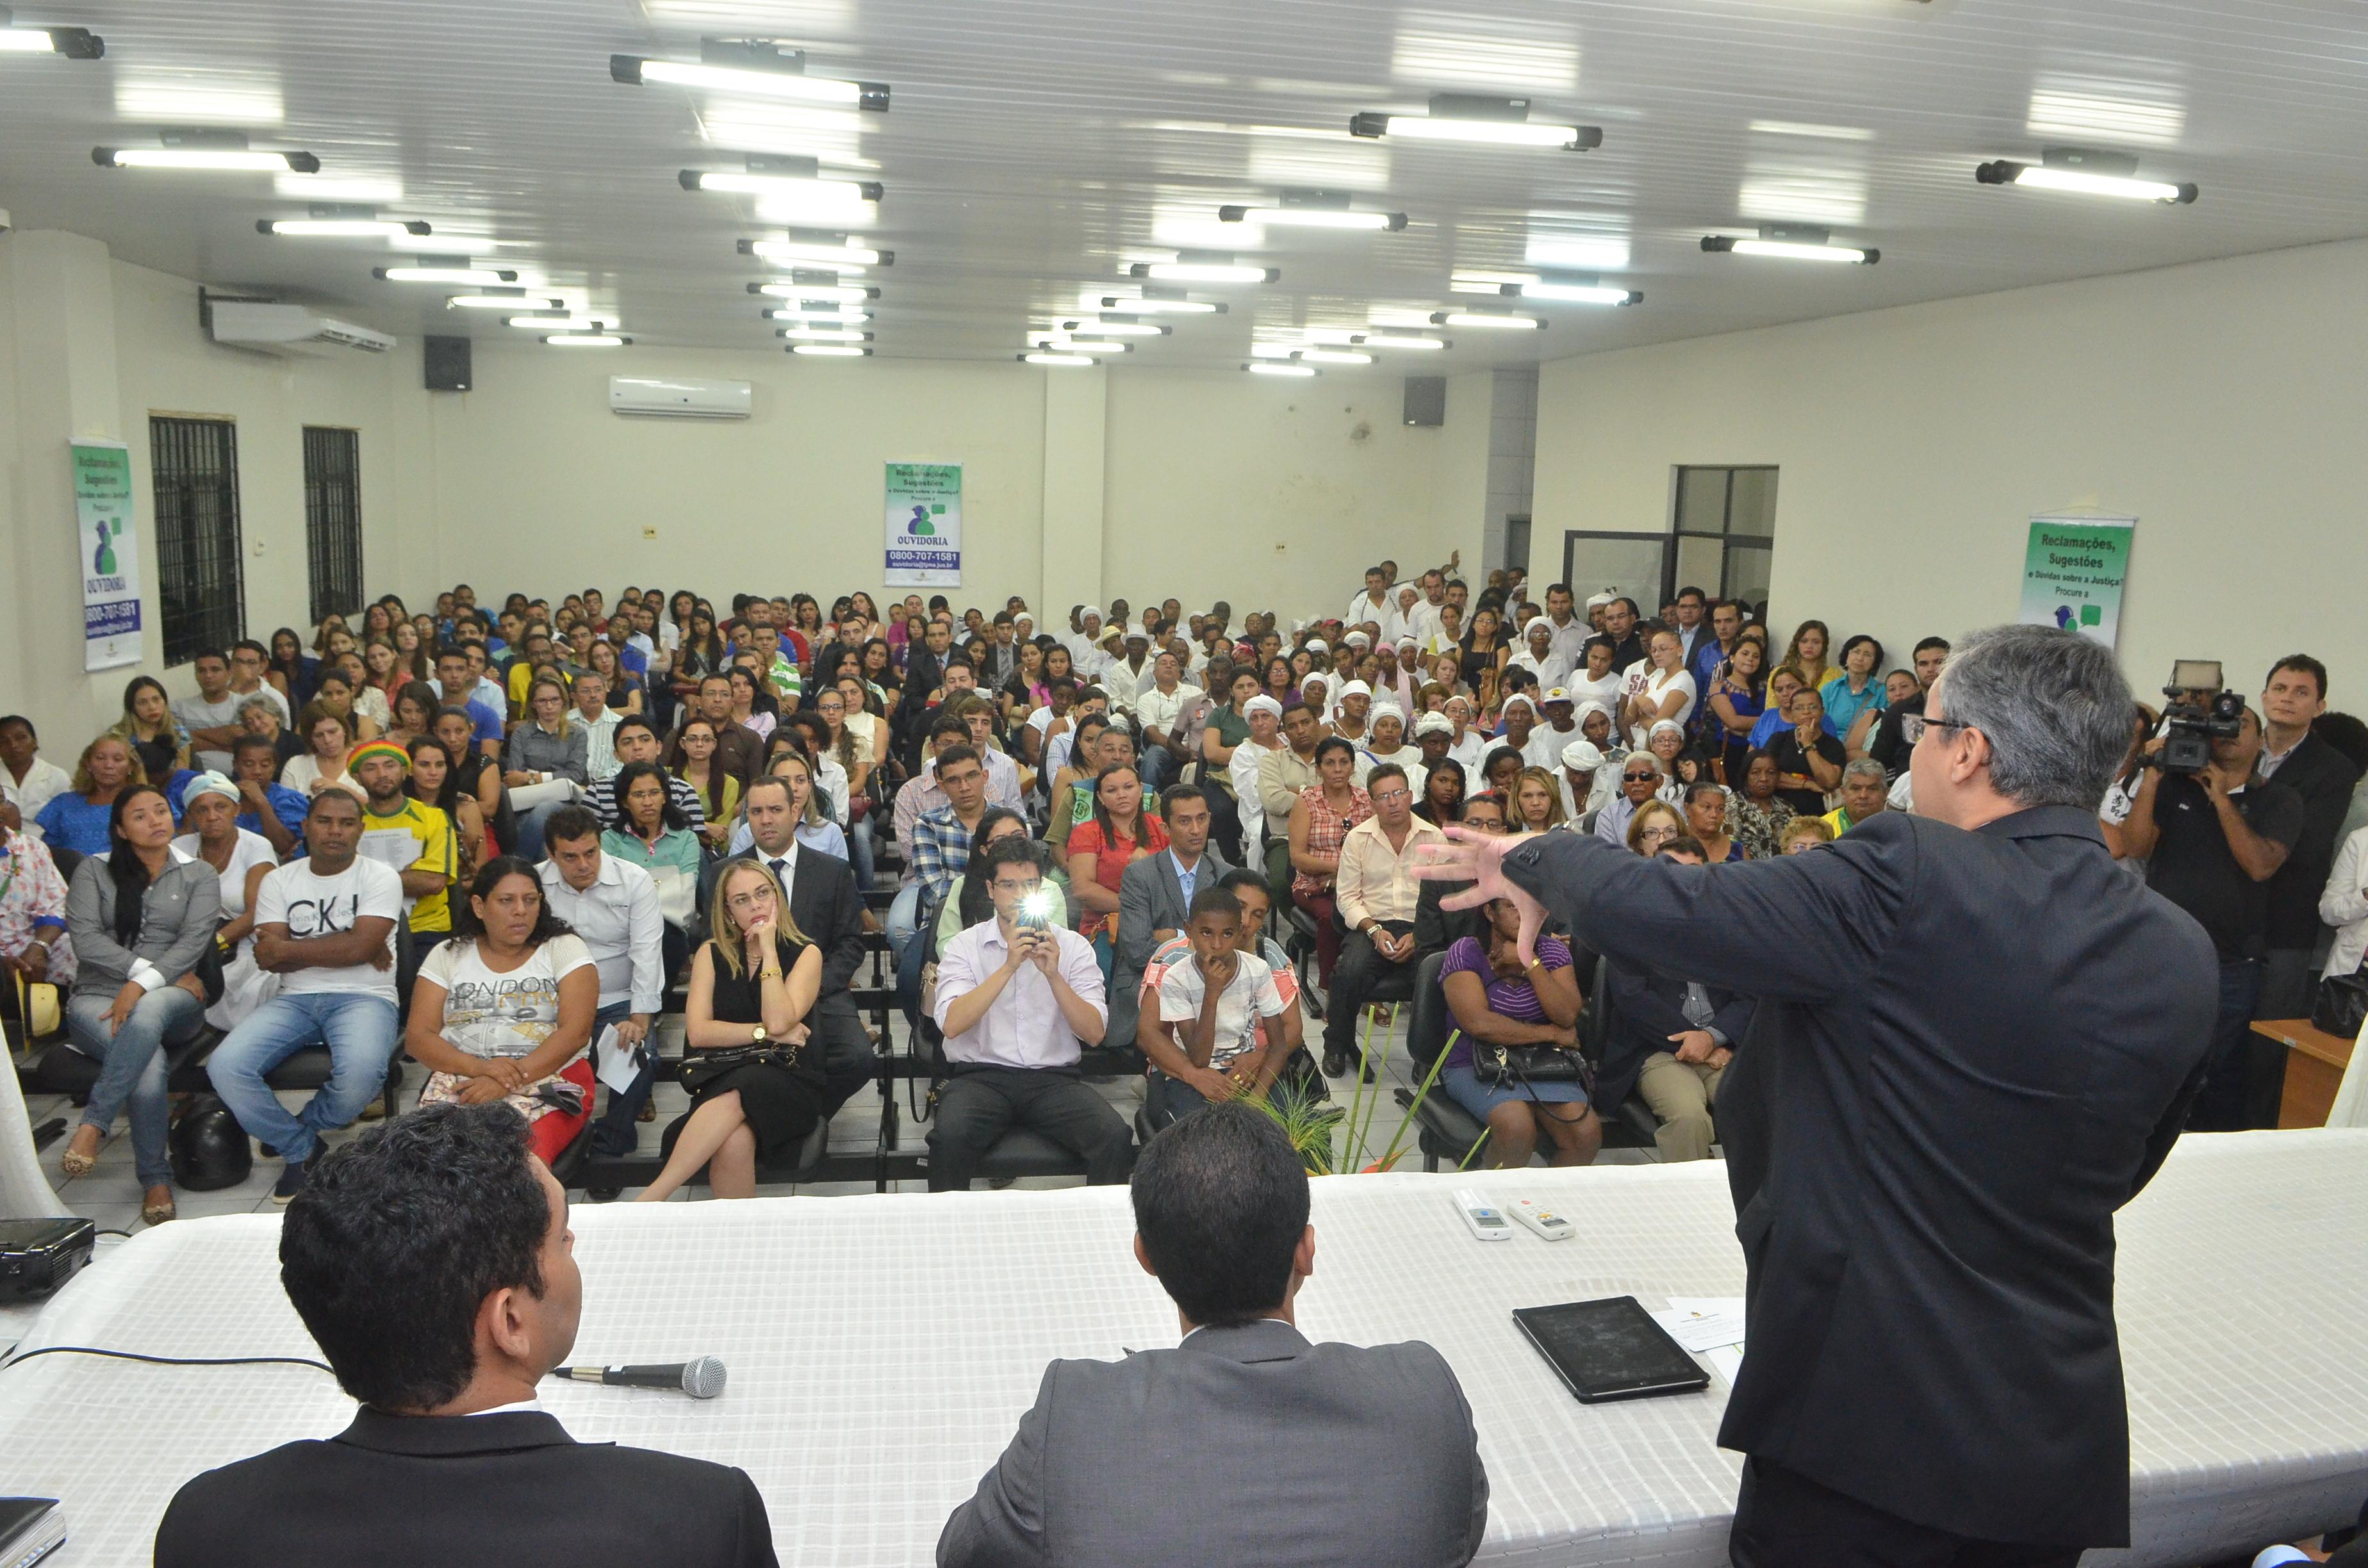 Ouvidor Judiciário prestando informações na Audiência Pública do polo de Bacabal